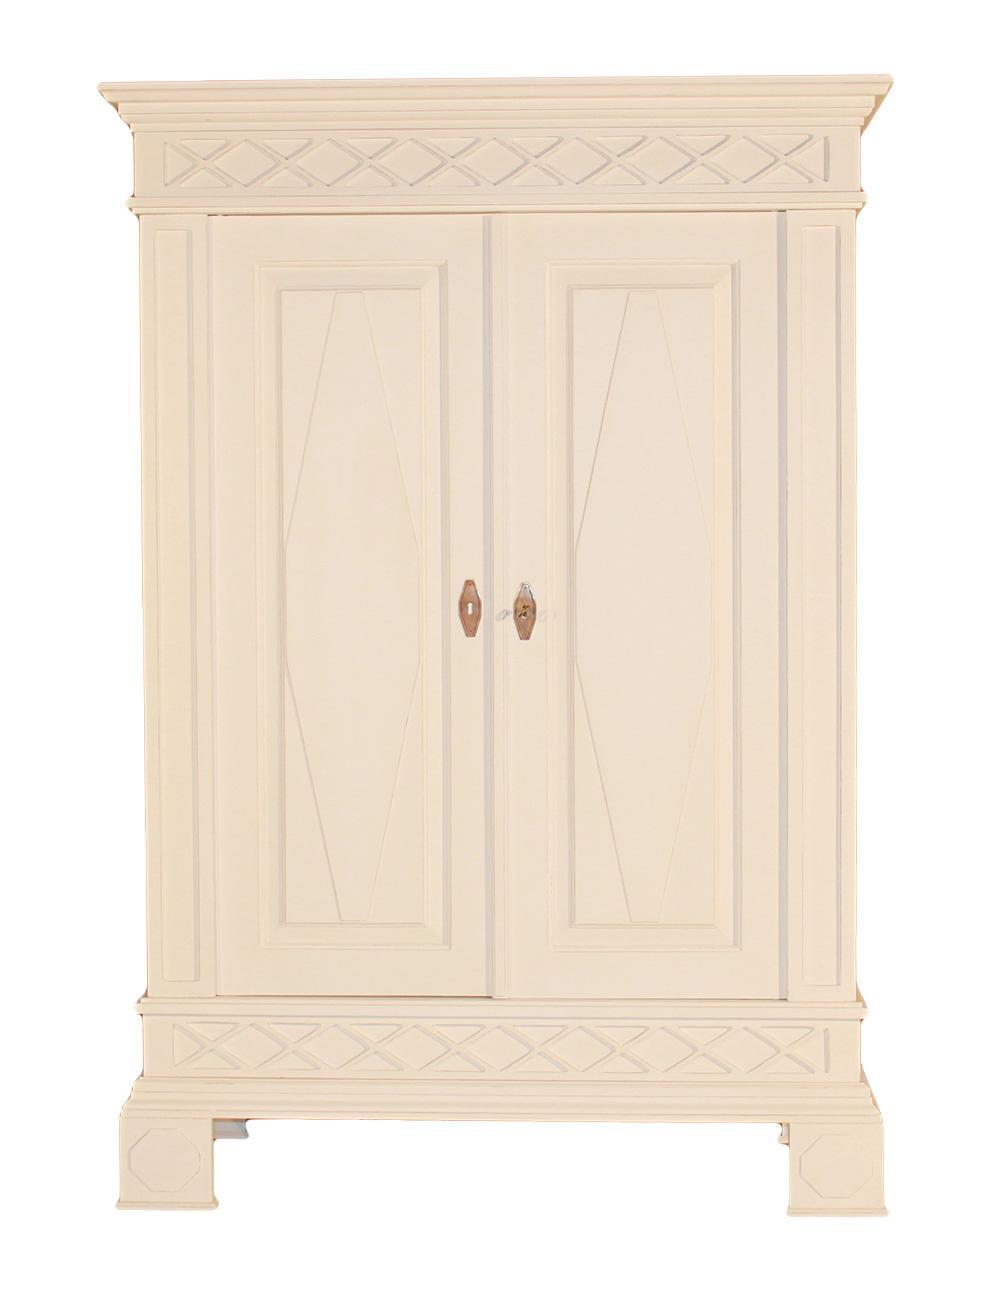 Landhausmöbel Garderobenschrank Nappo Holz Weiß Landhaus